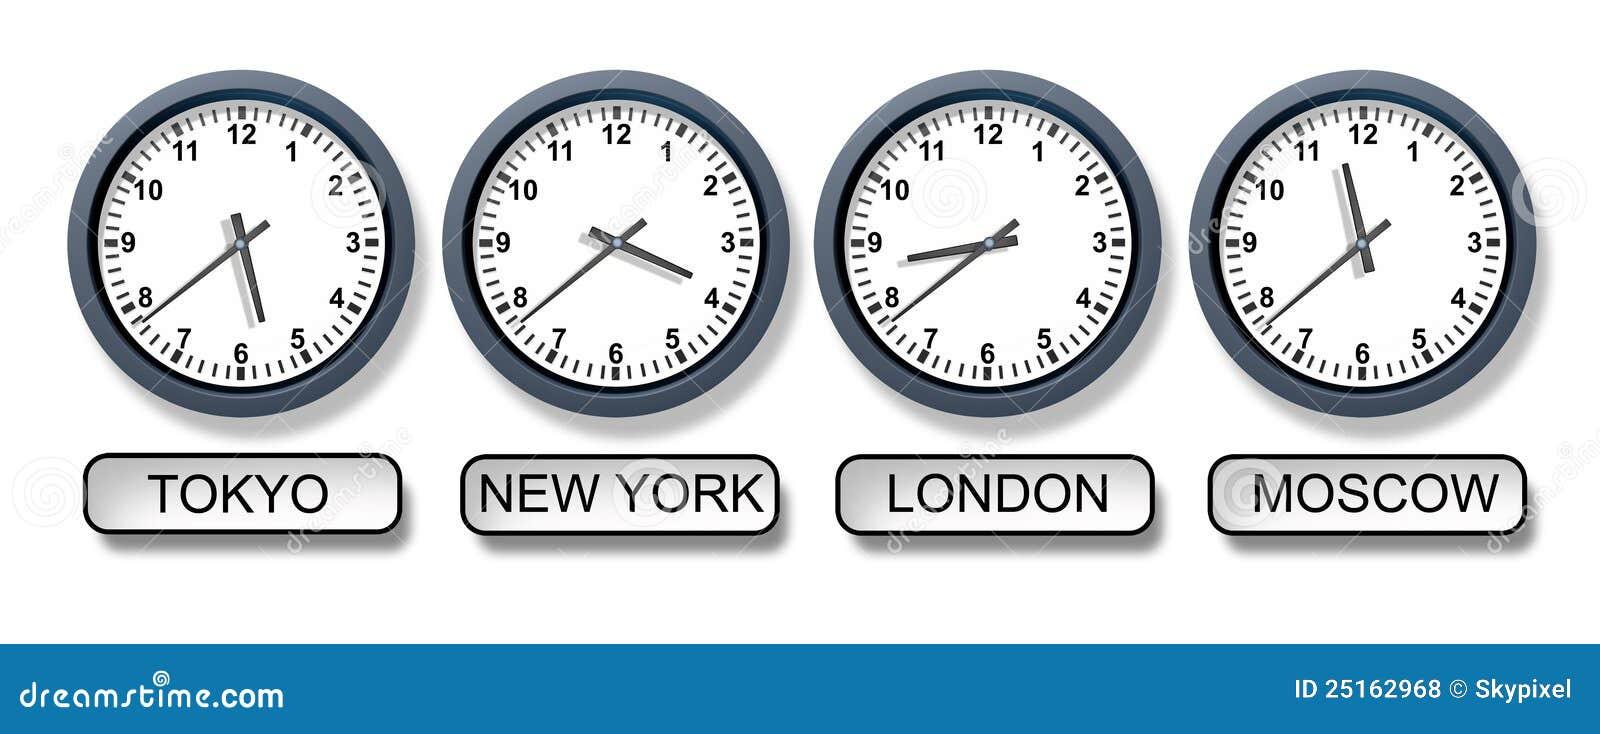 748f596eaaf5 La zona horaria del mundo registra con un reloj de Tokio Nueva York Londres  y de Moscú que representa asunto internacional y los diversos tiempos de ...